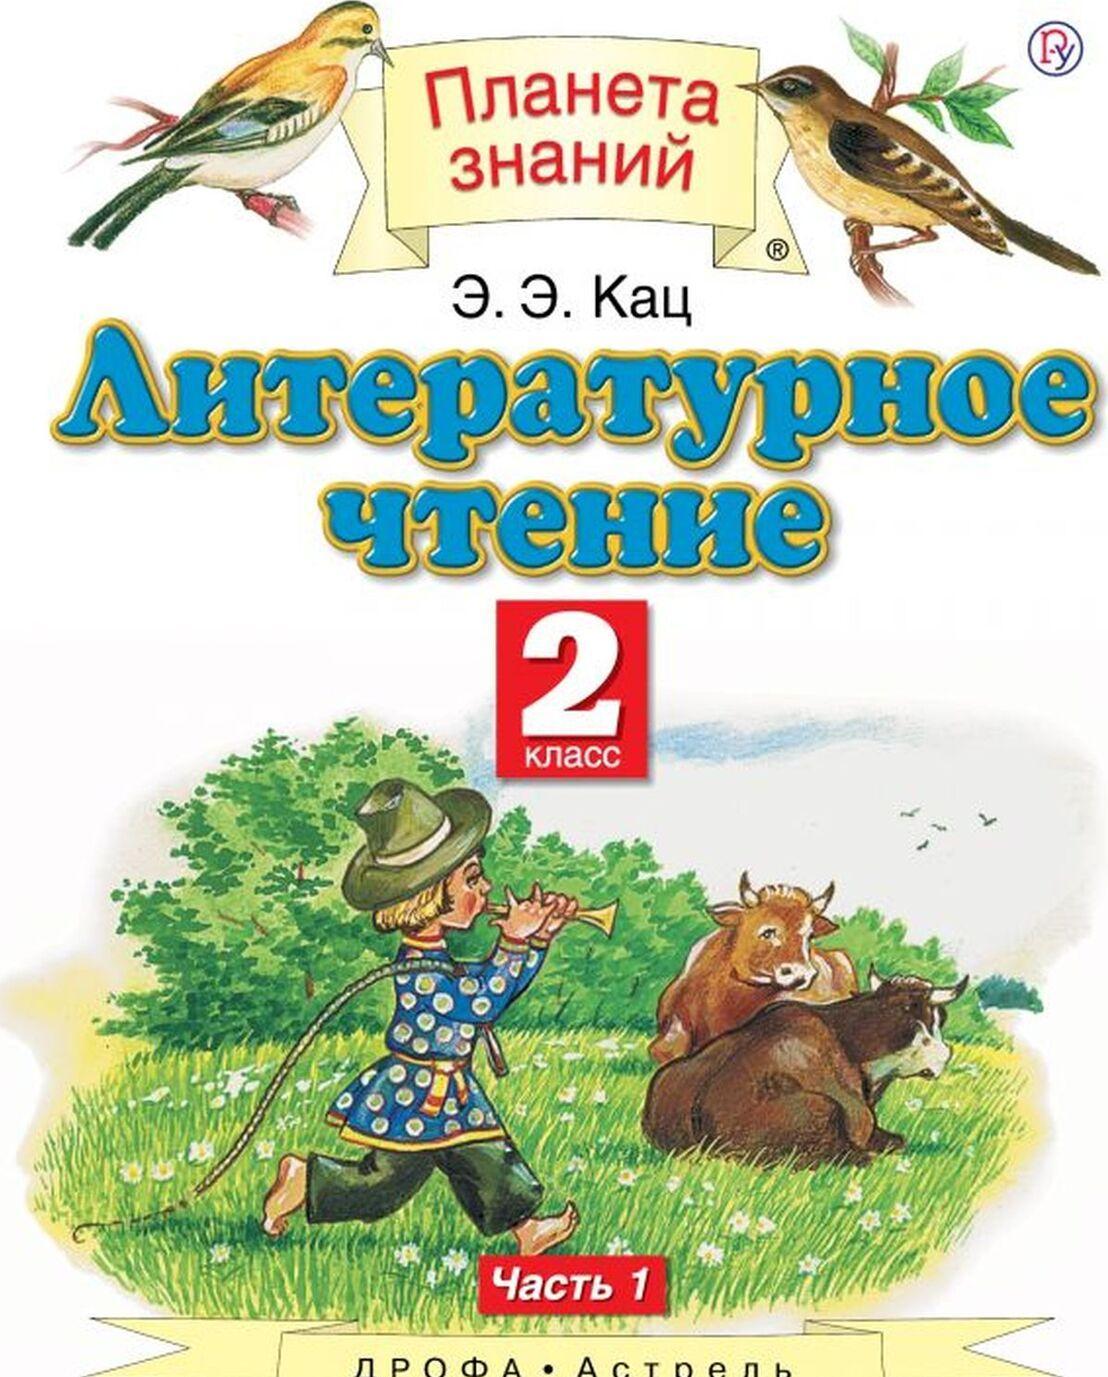 Literaturnoe chtenie. 2 klass. Uchebnik. V 2-kh chastjakh. Chast 1